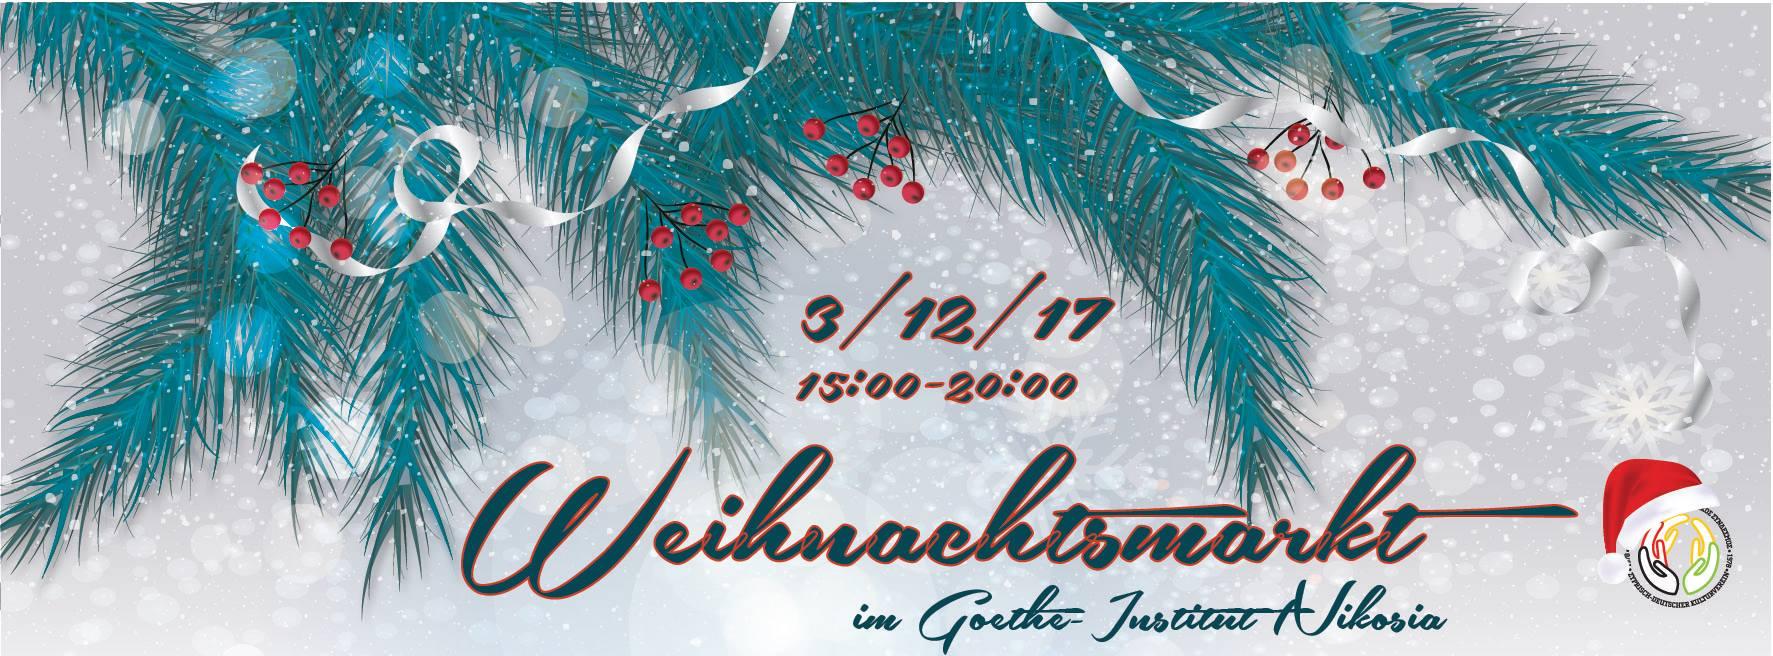 Γερμανική Χριστουγεννιάτικη Αγορά/ German Christmas Fayre